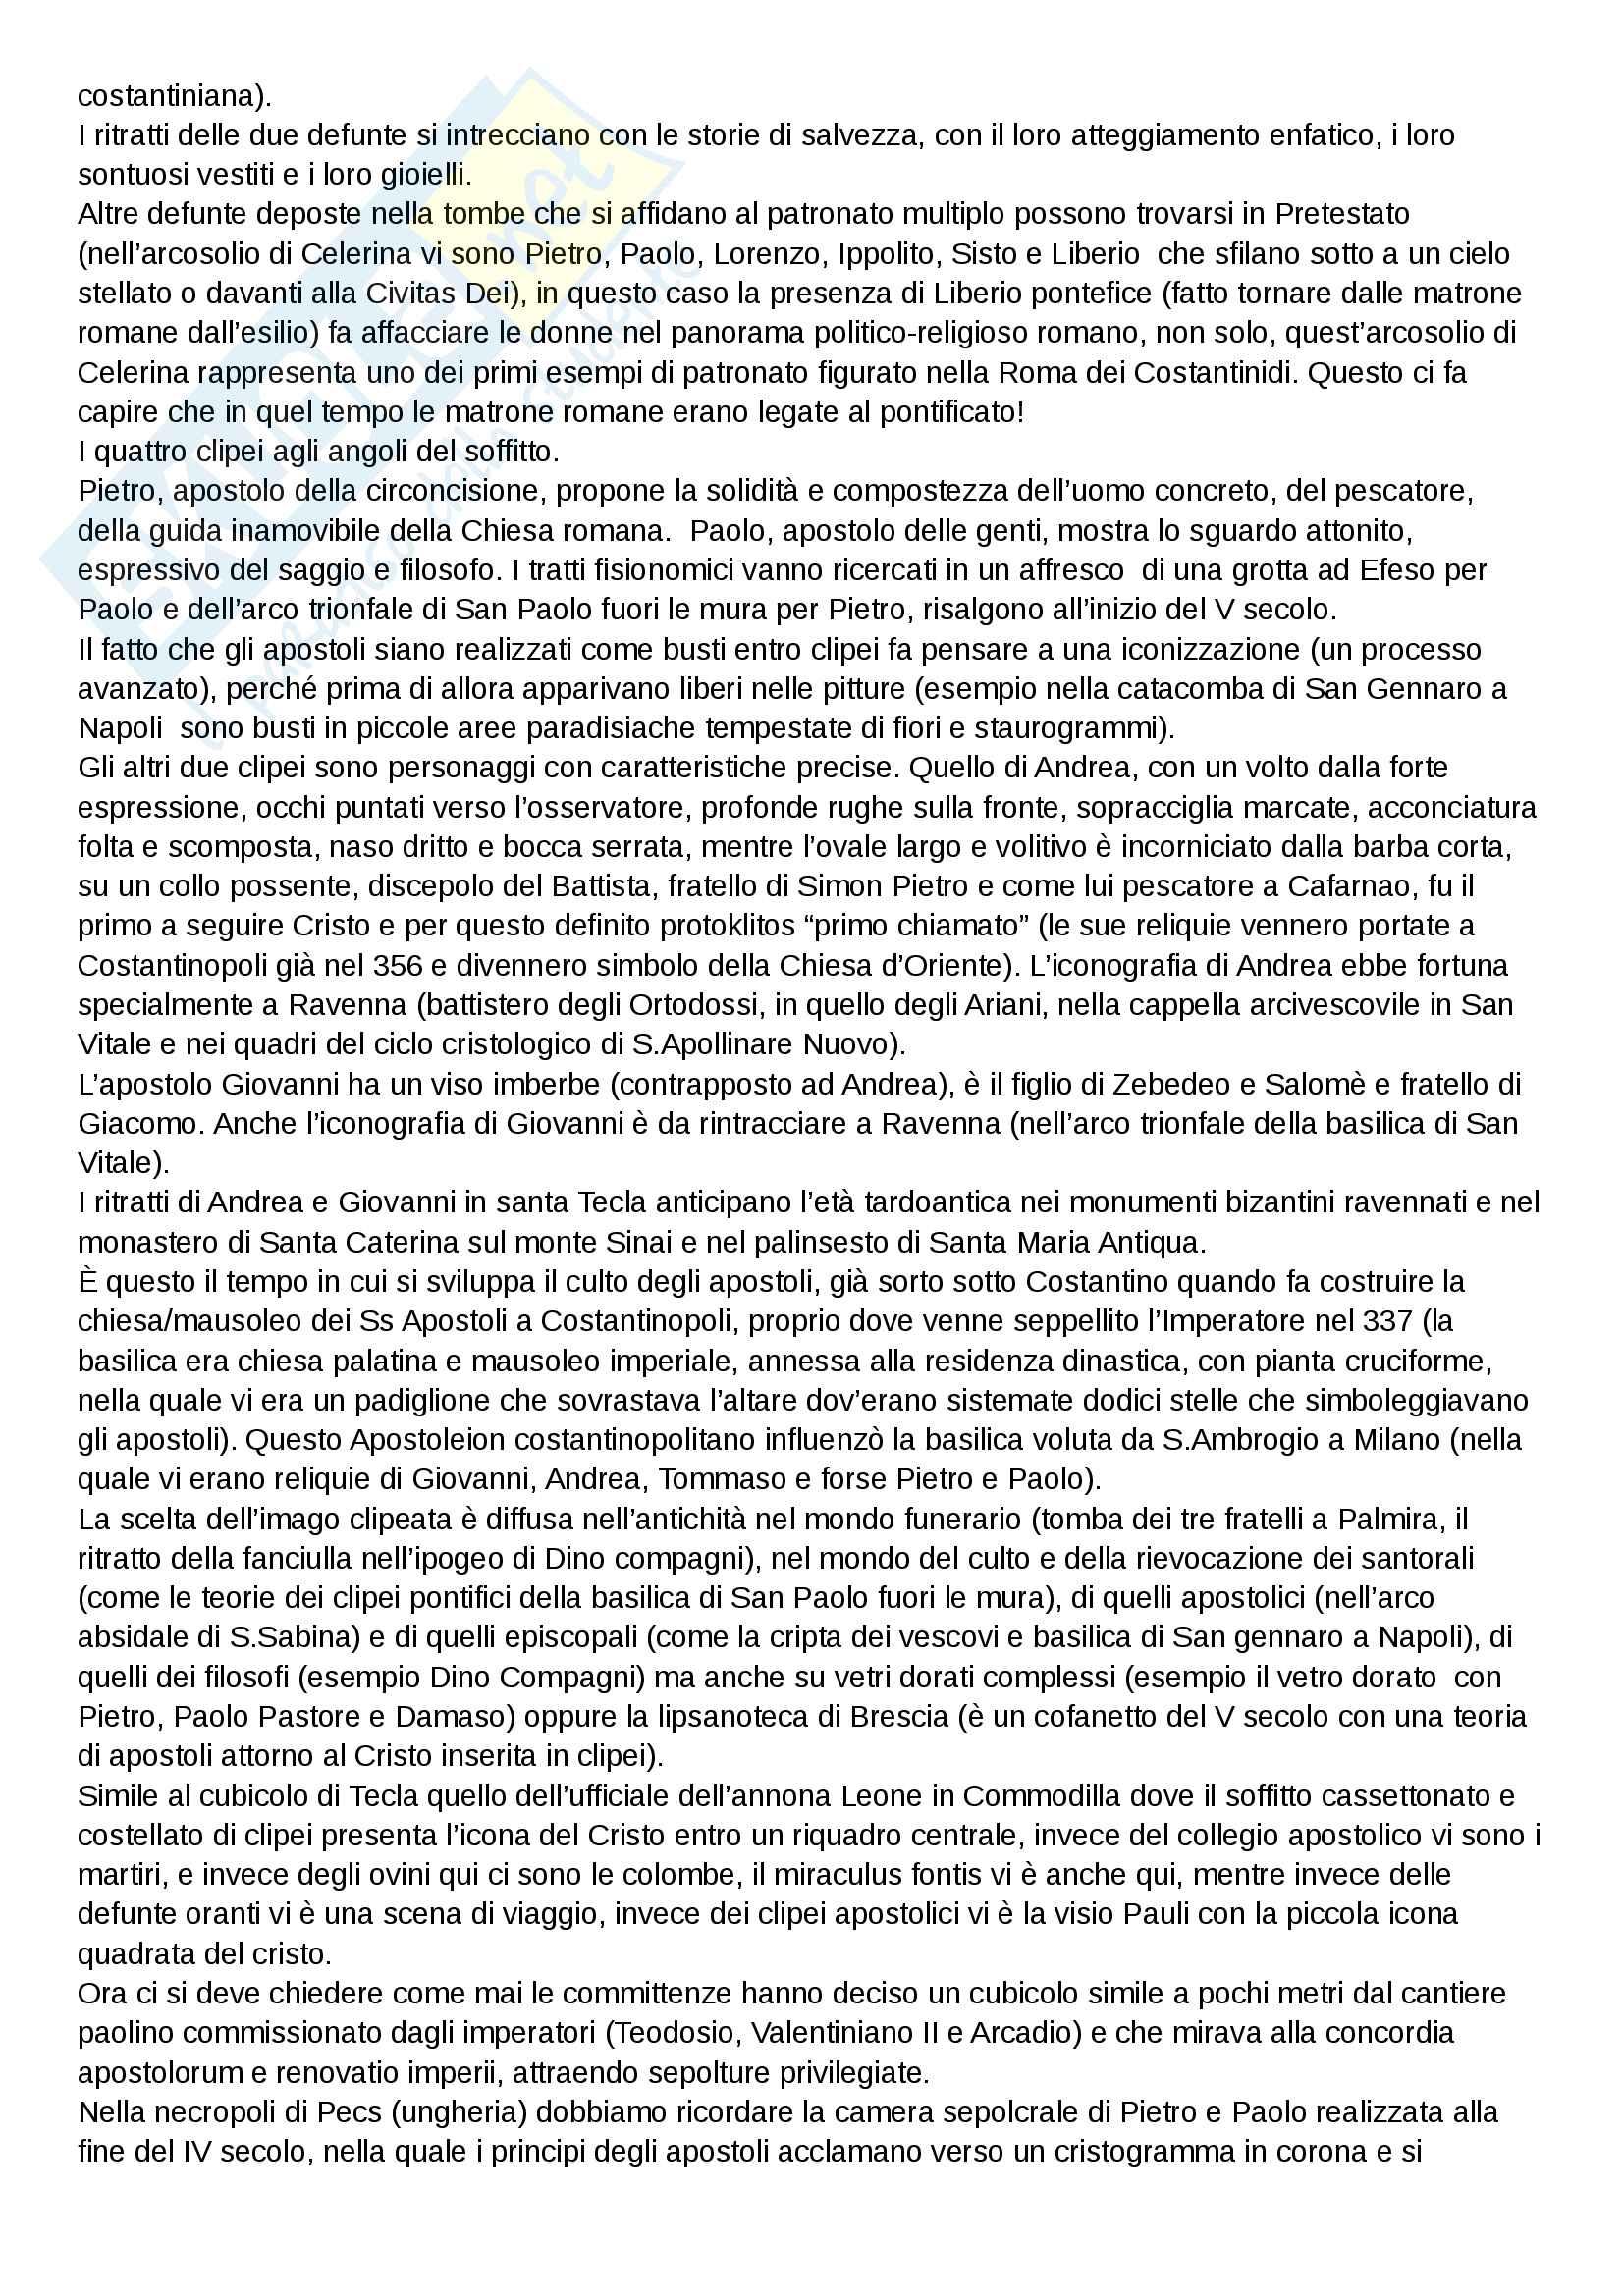 Riassunto esame Iconografia cristiana e medievale, prof Bisconti. Libro consigliato Il Cubicolo degli apostoli nelle catacombe romane di santa tecla, Mazzei Pag. 11